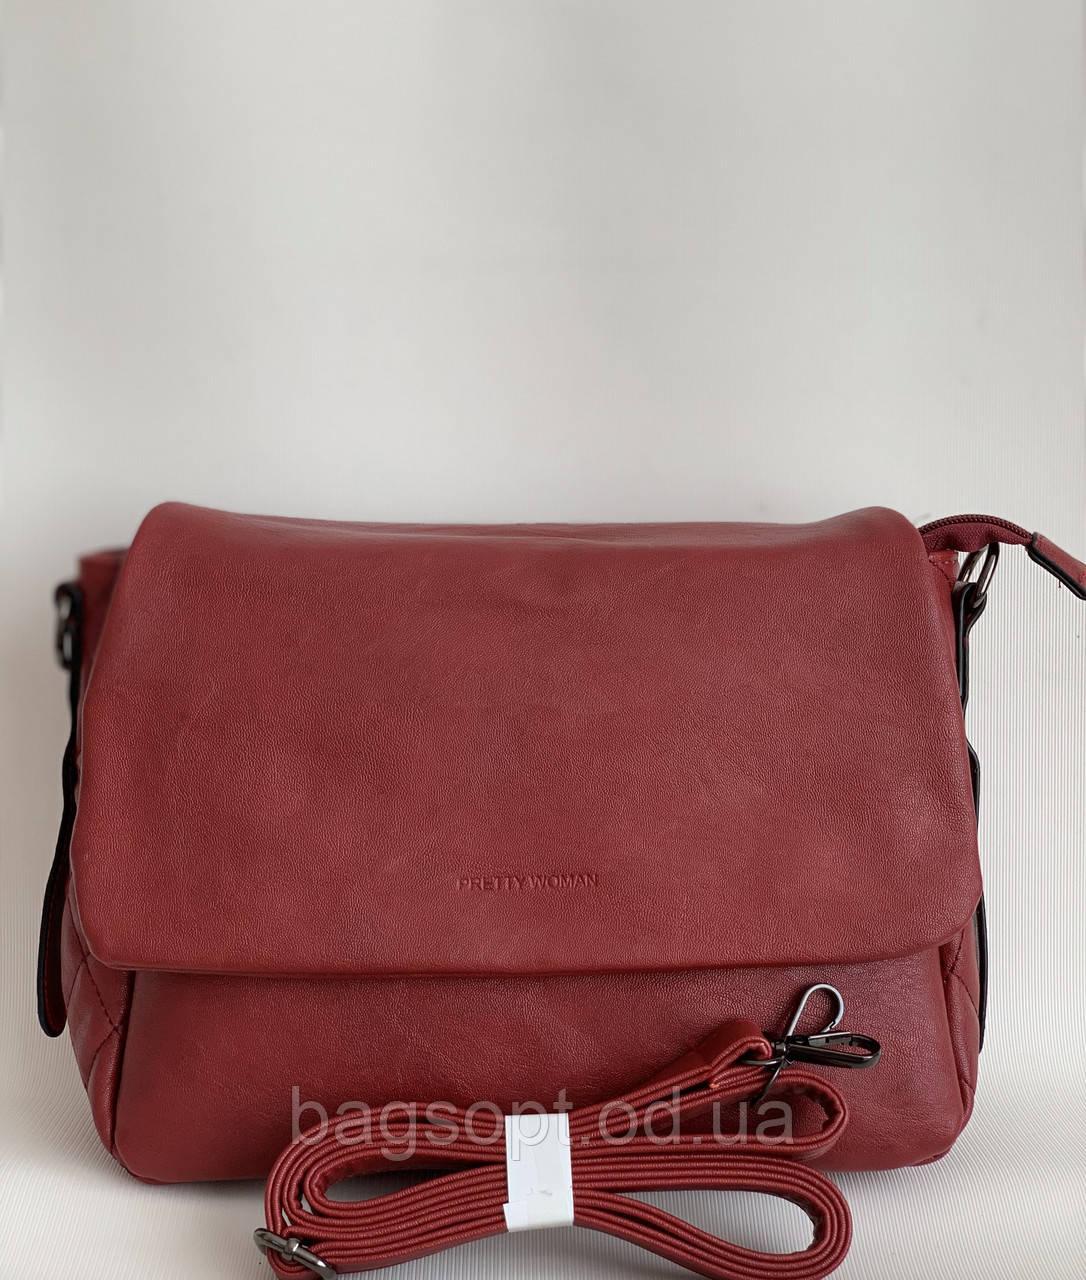 Бордовая сумка женская через плечо Pretty Woman кожзам Одесса 7 км